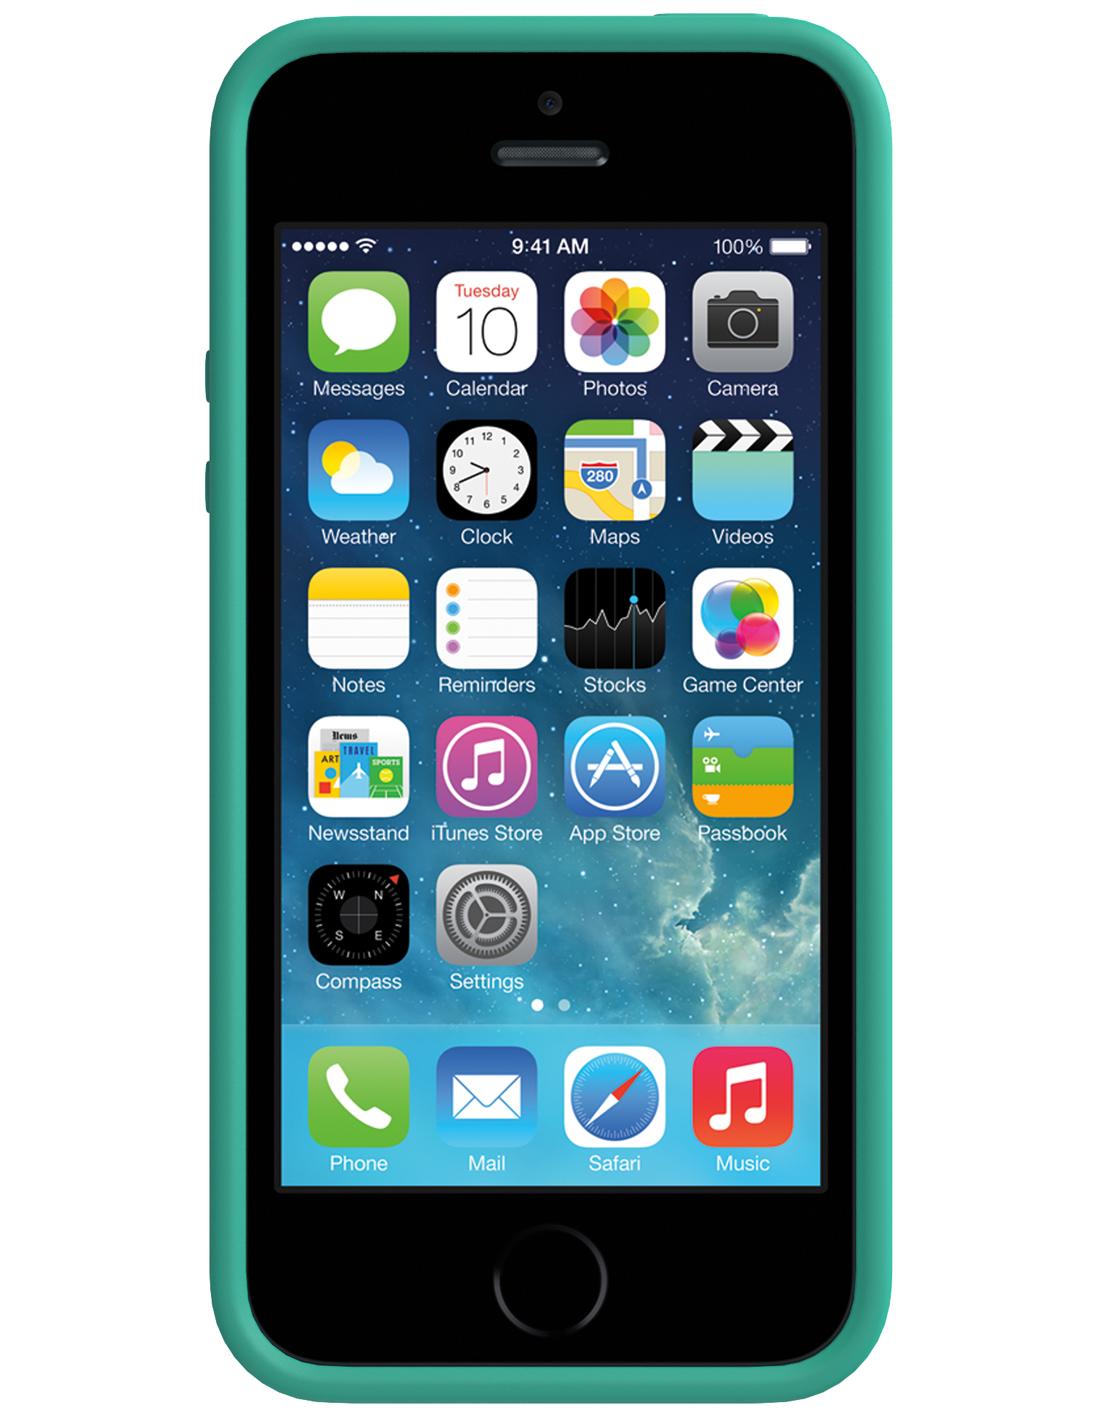 עדכון מעודכן שירות תיקונים לאייפון - תיקון אייפון מהיר בפתח תקווה - MobileCity OS-06